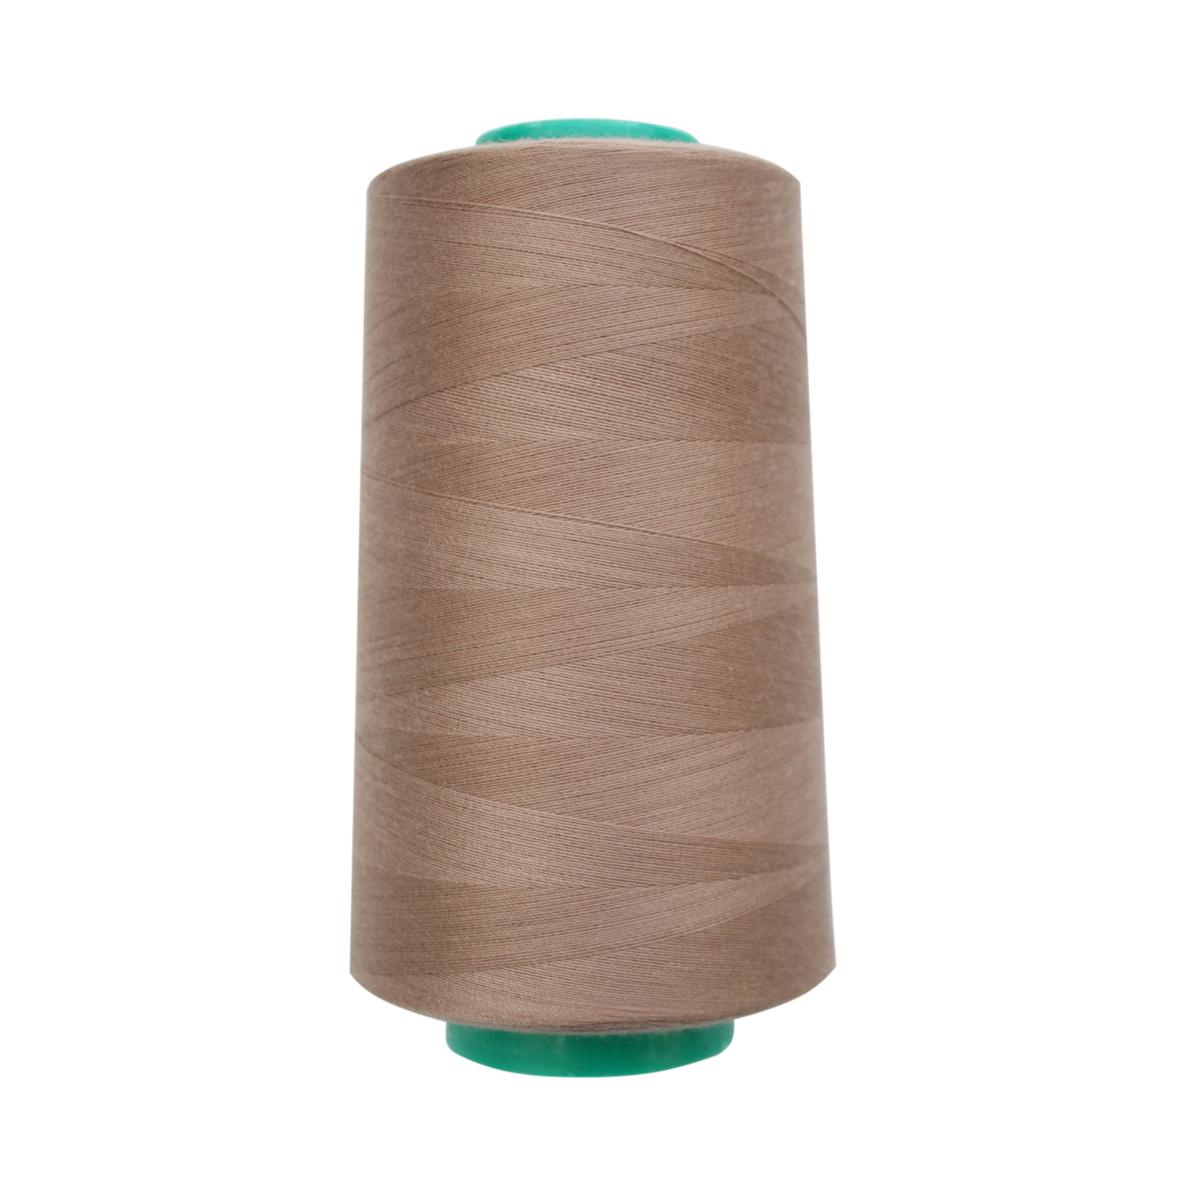 Нитки для шитья Bestex 50/2, 5000 ярд, цвет: т.ореховый (261)7700936-261Сфера использования: трикотаж; ткани малого веса; оверлочные швы; отделка краев; вышивка. Размер игл №70-80